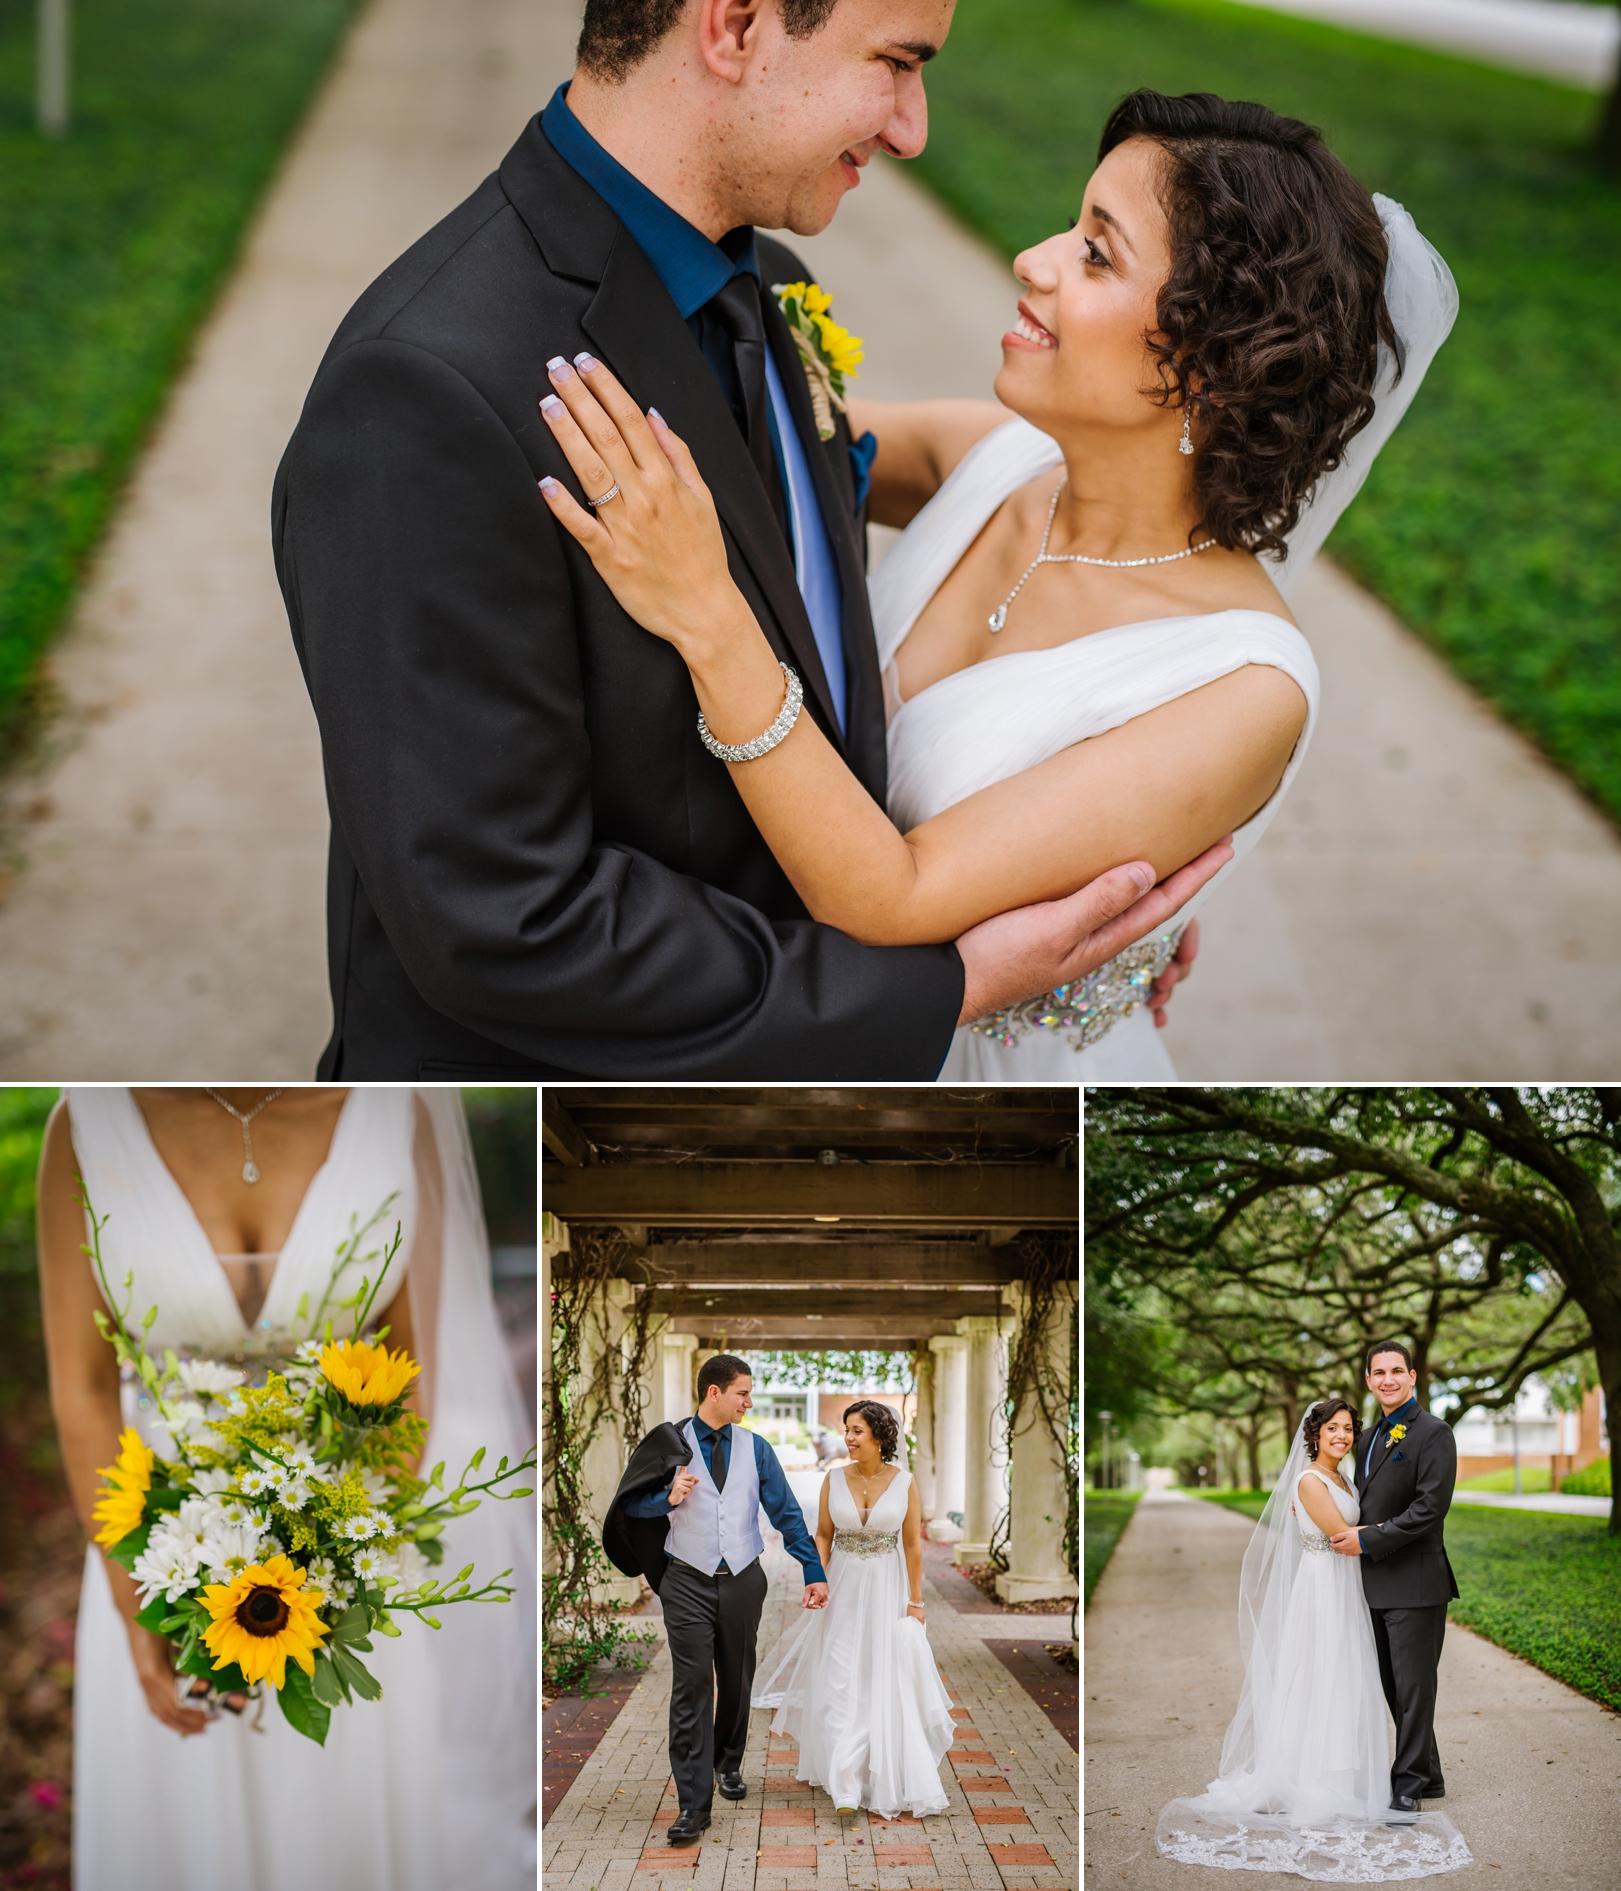 tampa-wedding-photographer-ashlee-hamon-usf_0011.jpg